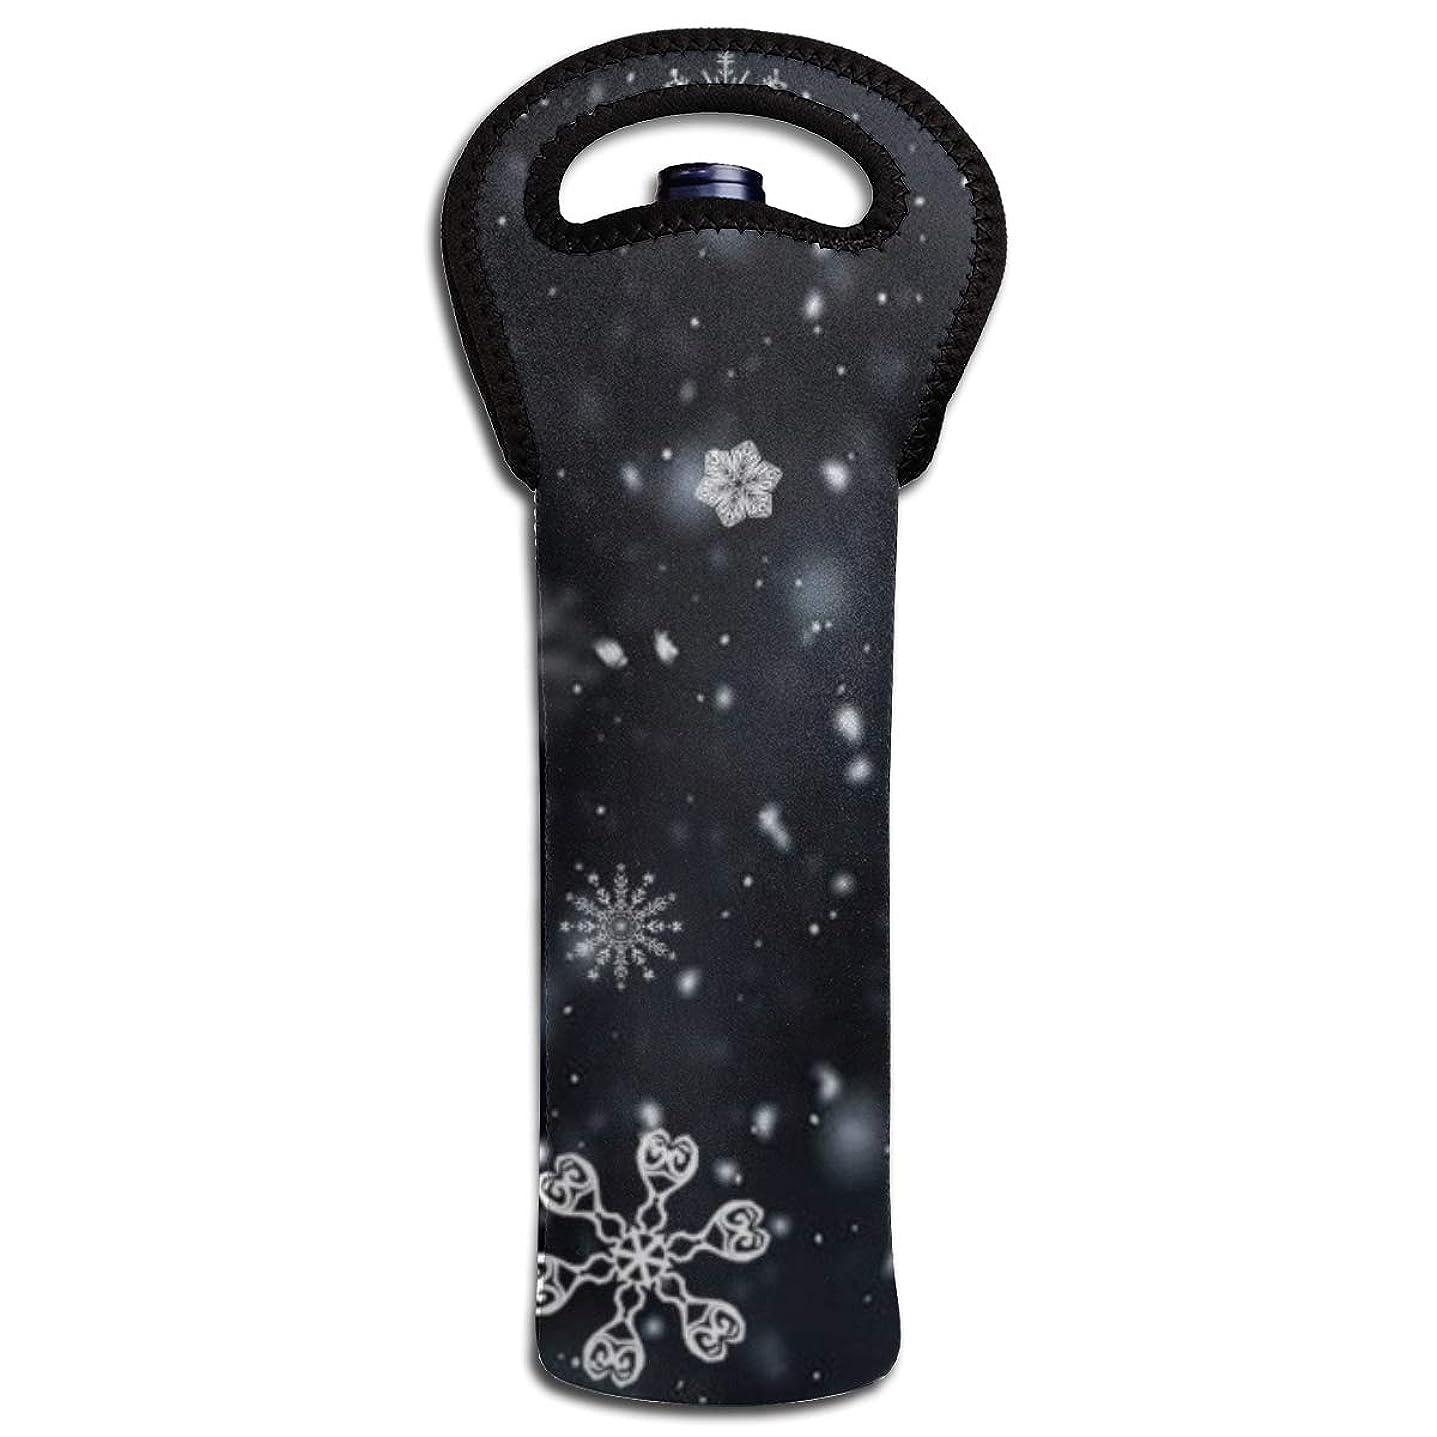 テープスリンク言うORAIN ワインバッグ雪 ボトルバッグ 保冷バッグ 保冷 保温 ワイントートバッグ